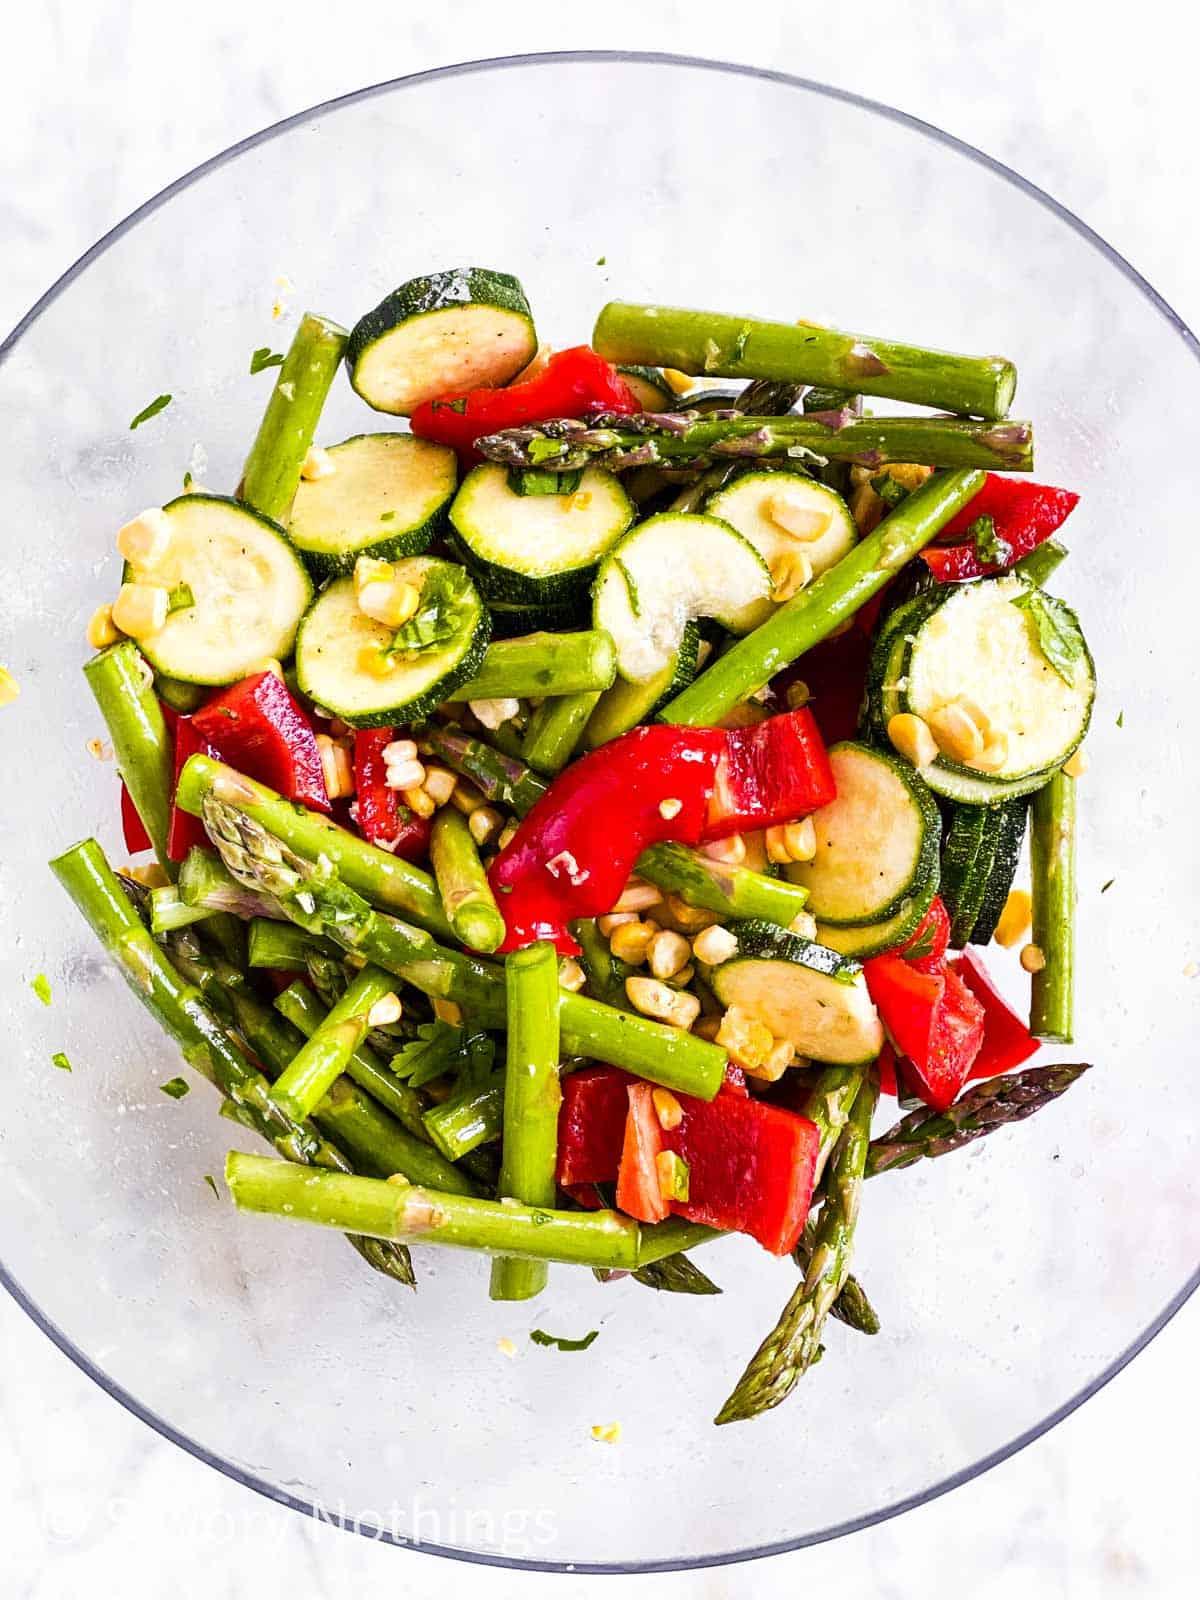 seasoned vegetables in glass bowl